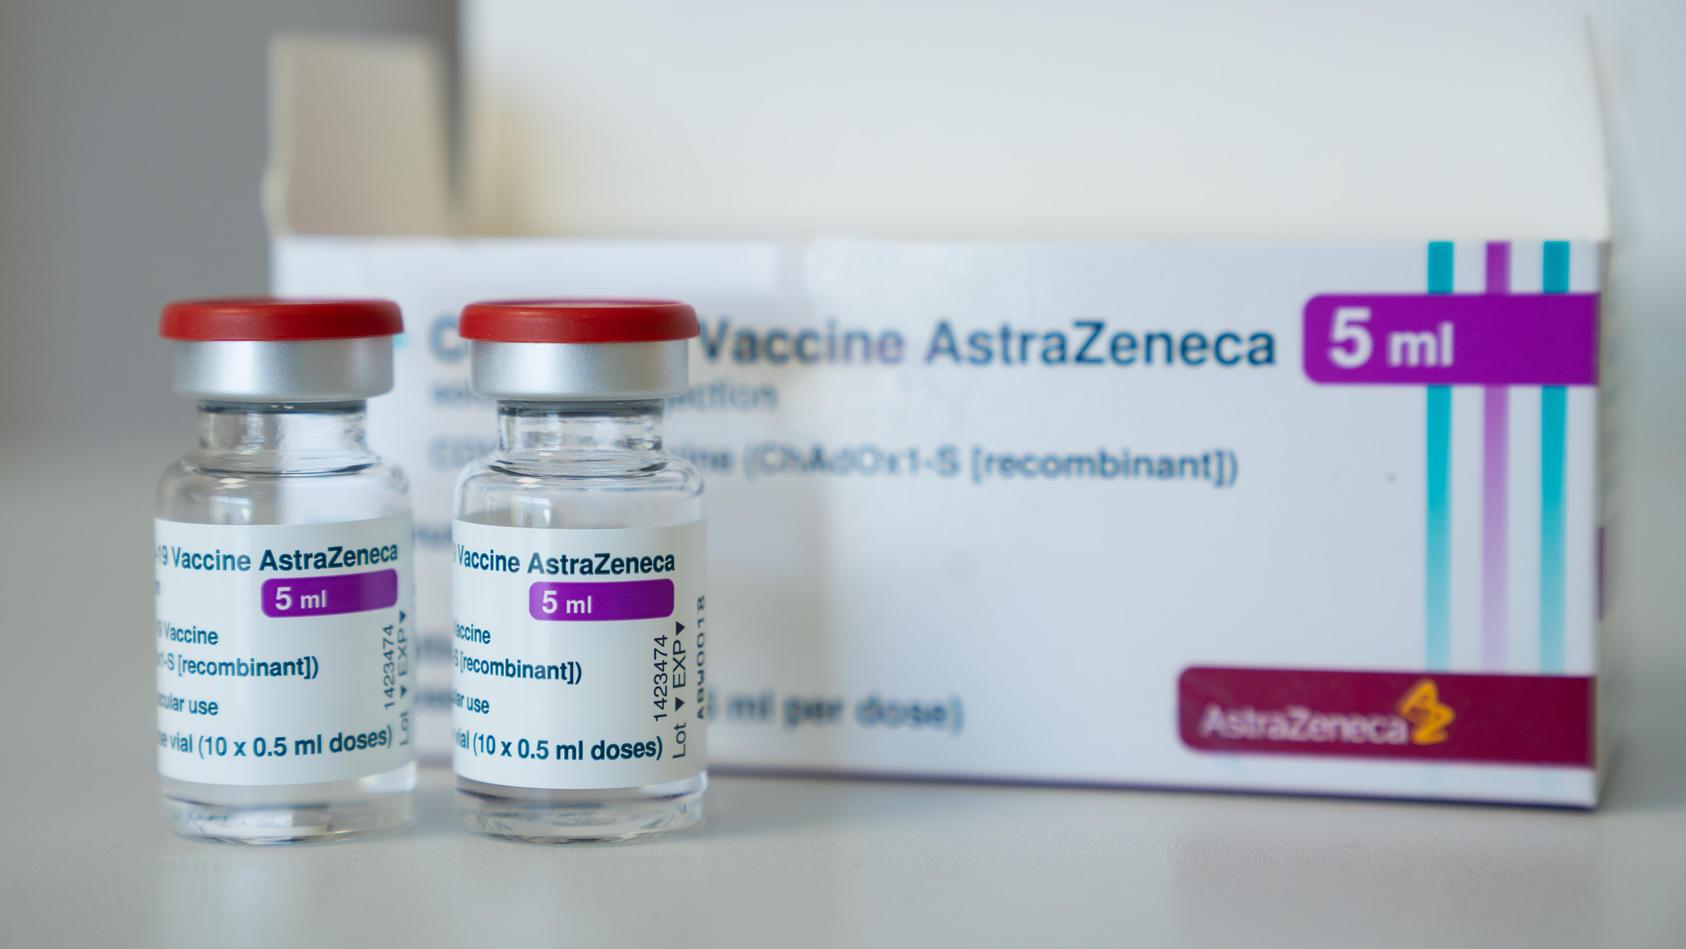 Im oberfränkischen Hofer Land kann sich jetzt jeder der mindestens 18 Jahre alt ist mit dem Impfstoff von AstraZeneca impfen lassen.